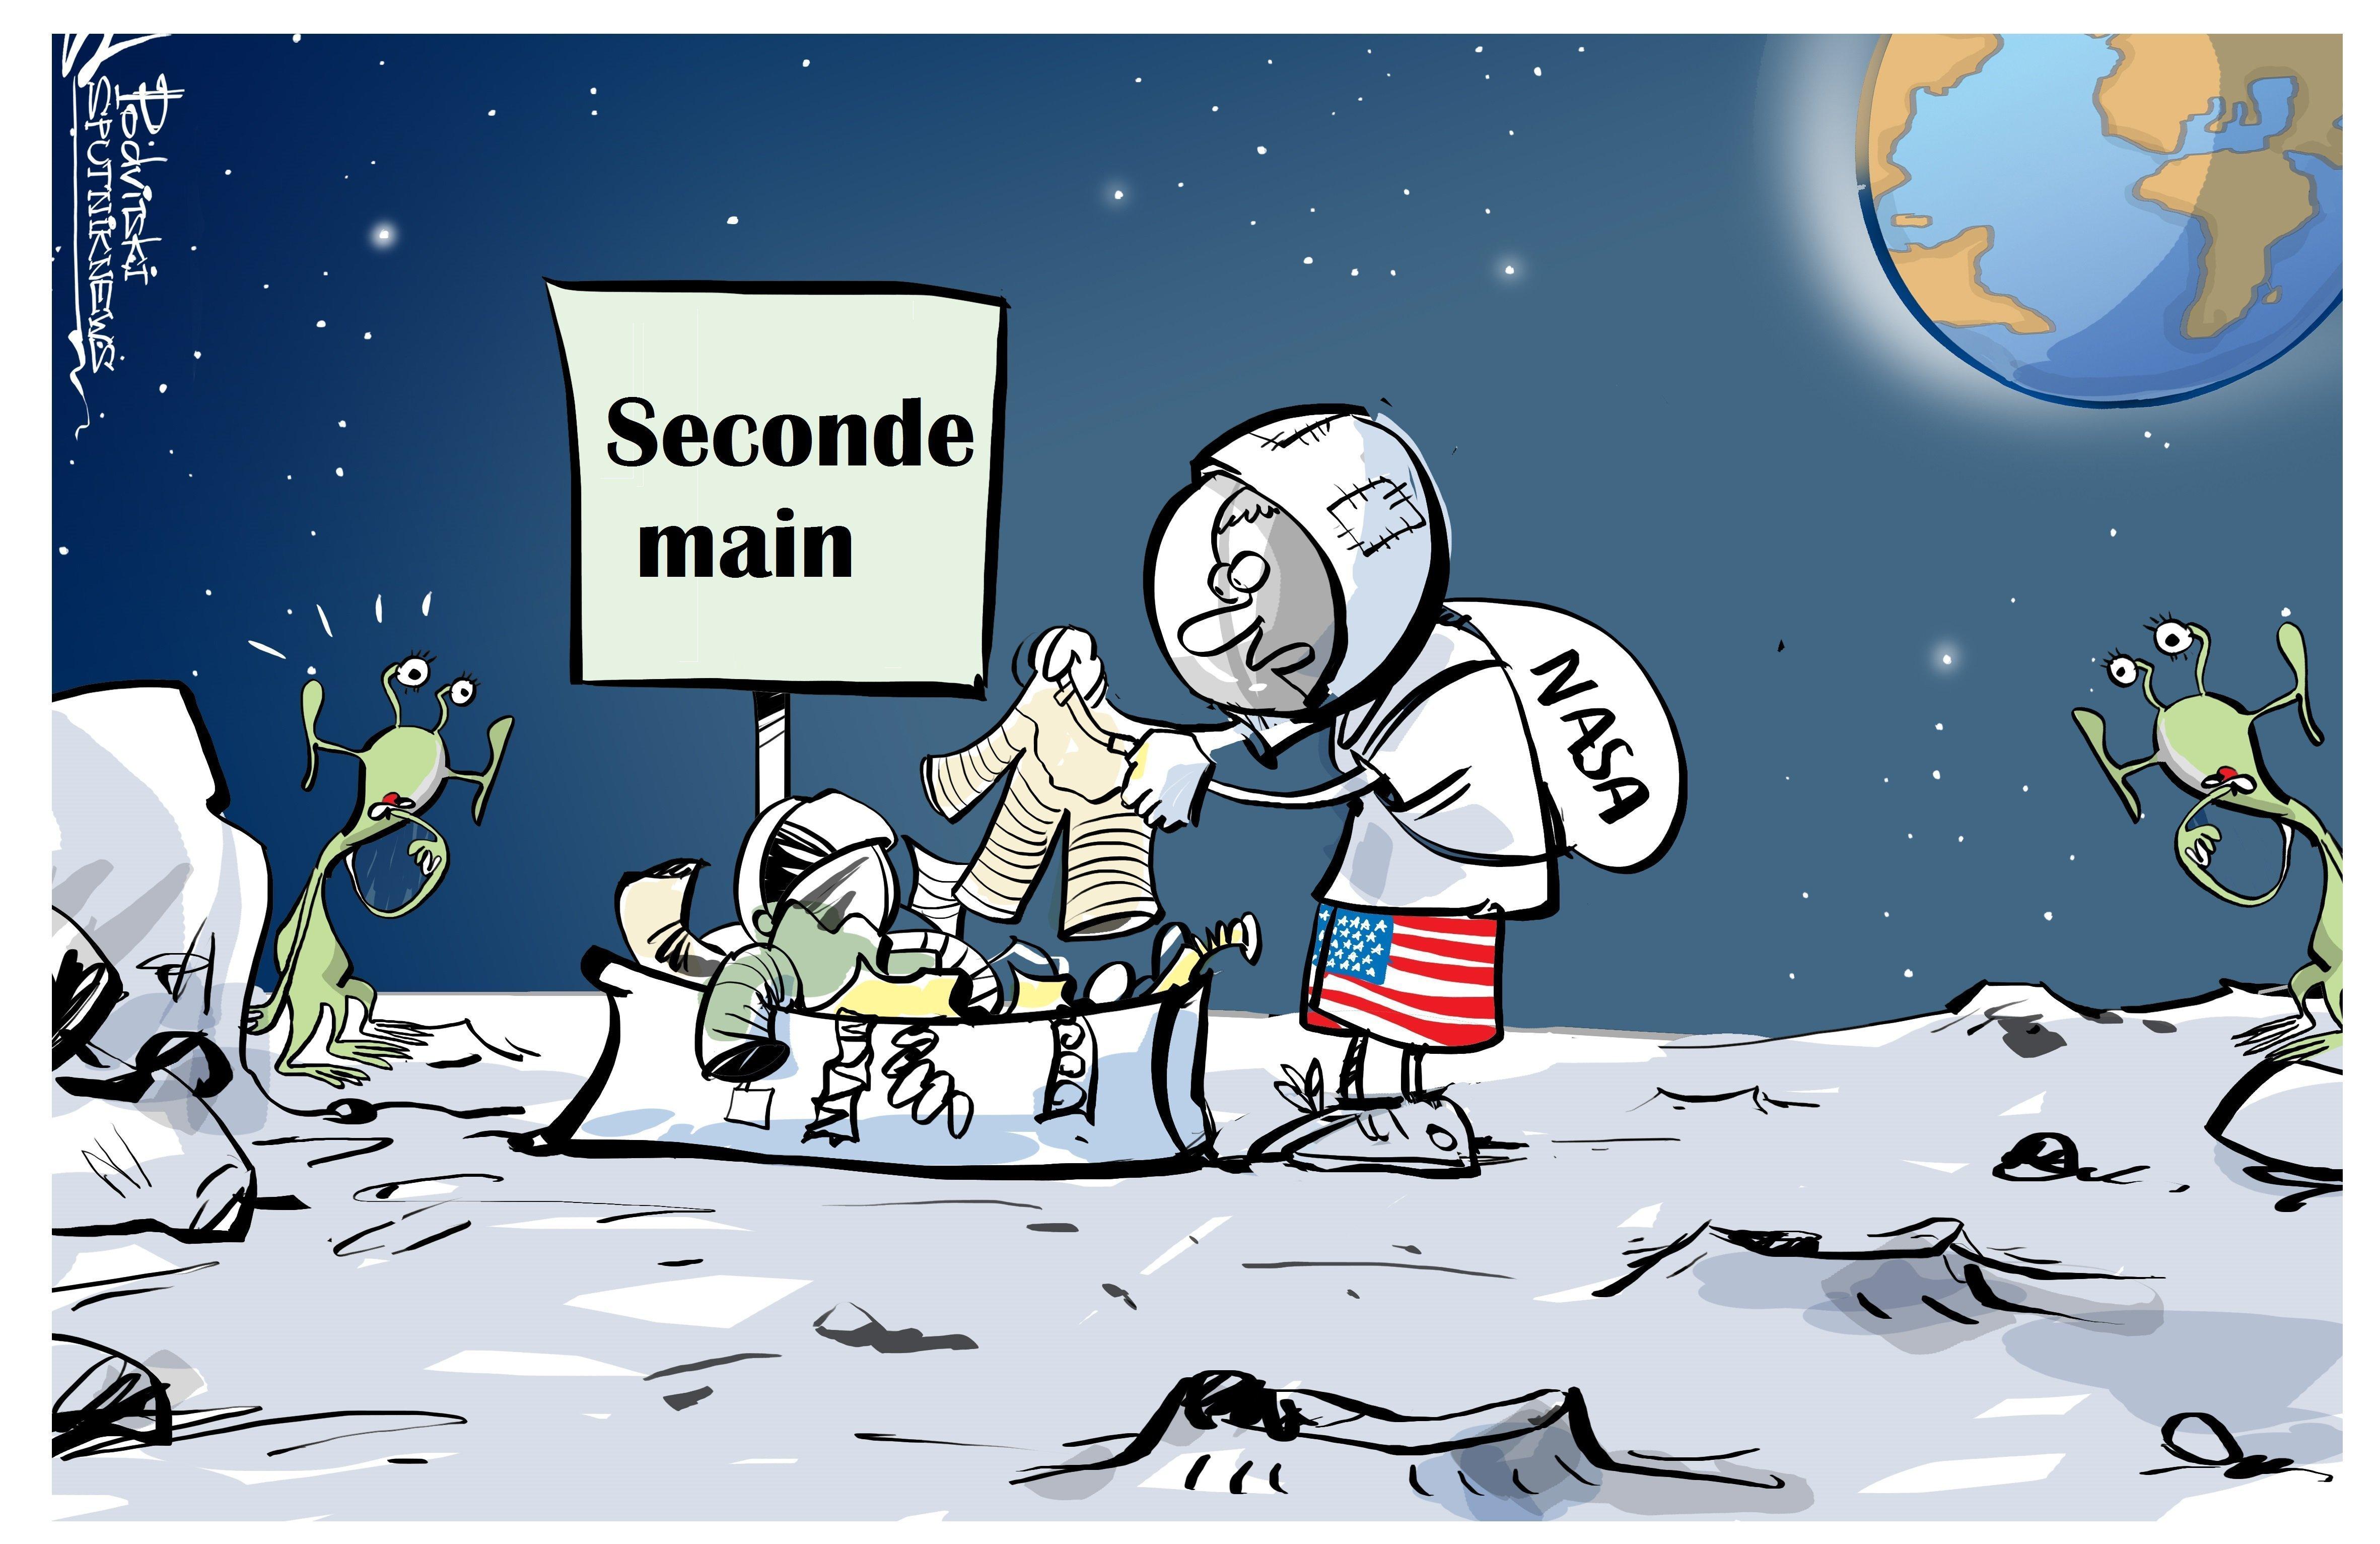 Les astronautes de la NASA risquent d'être privés de scaphandres